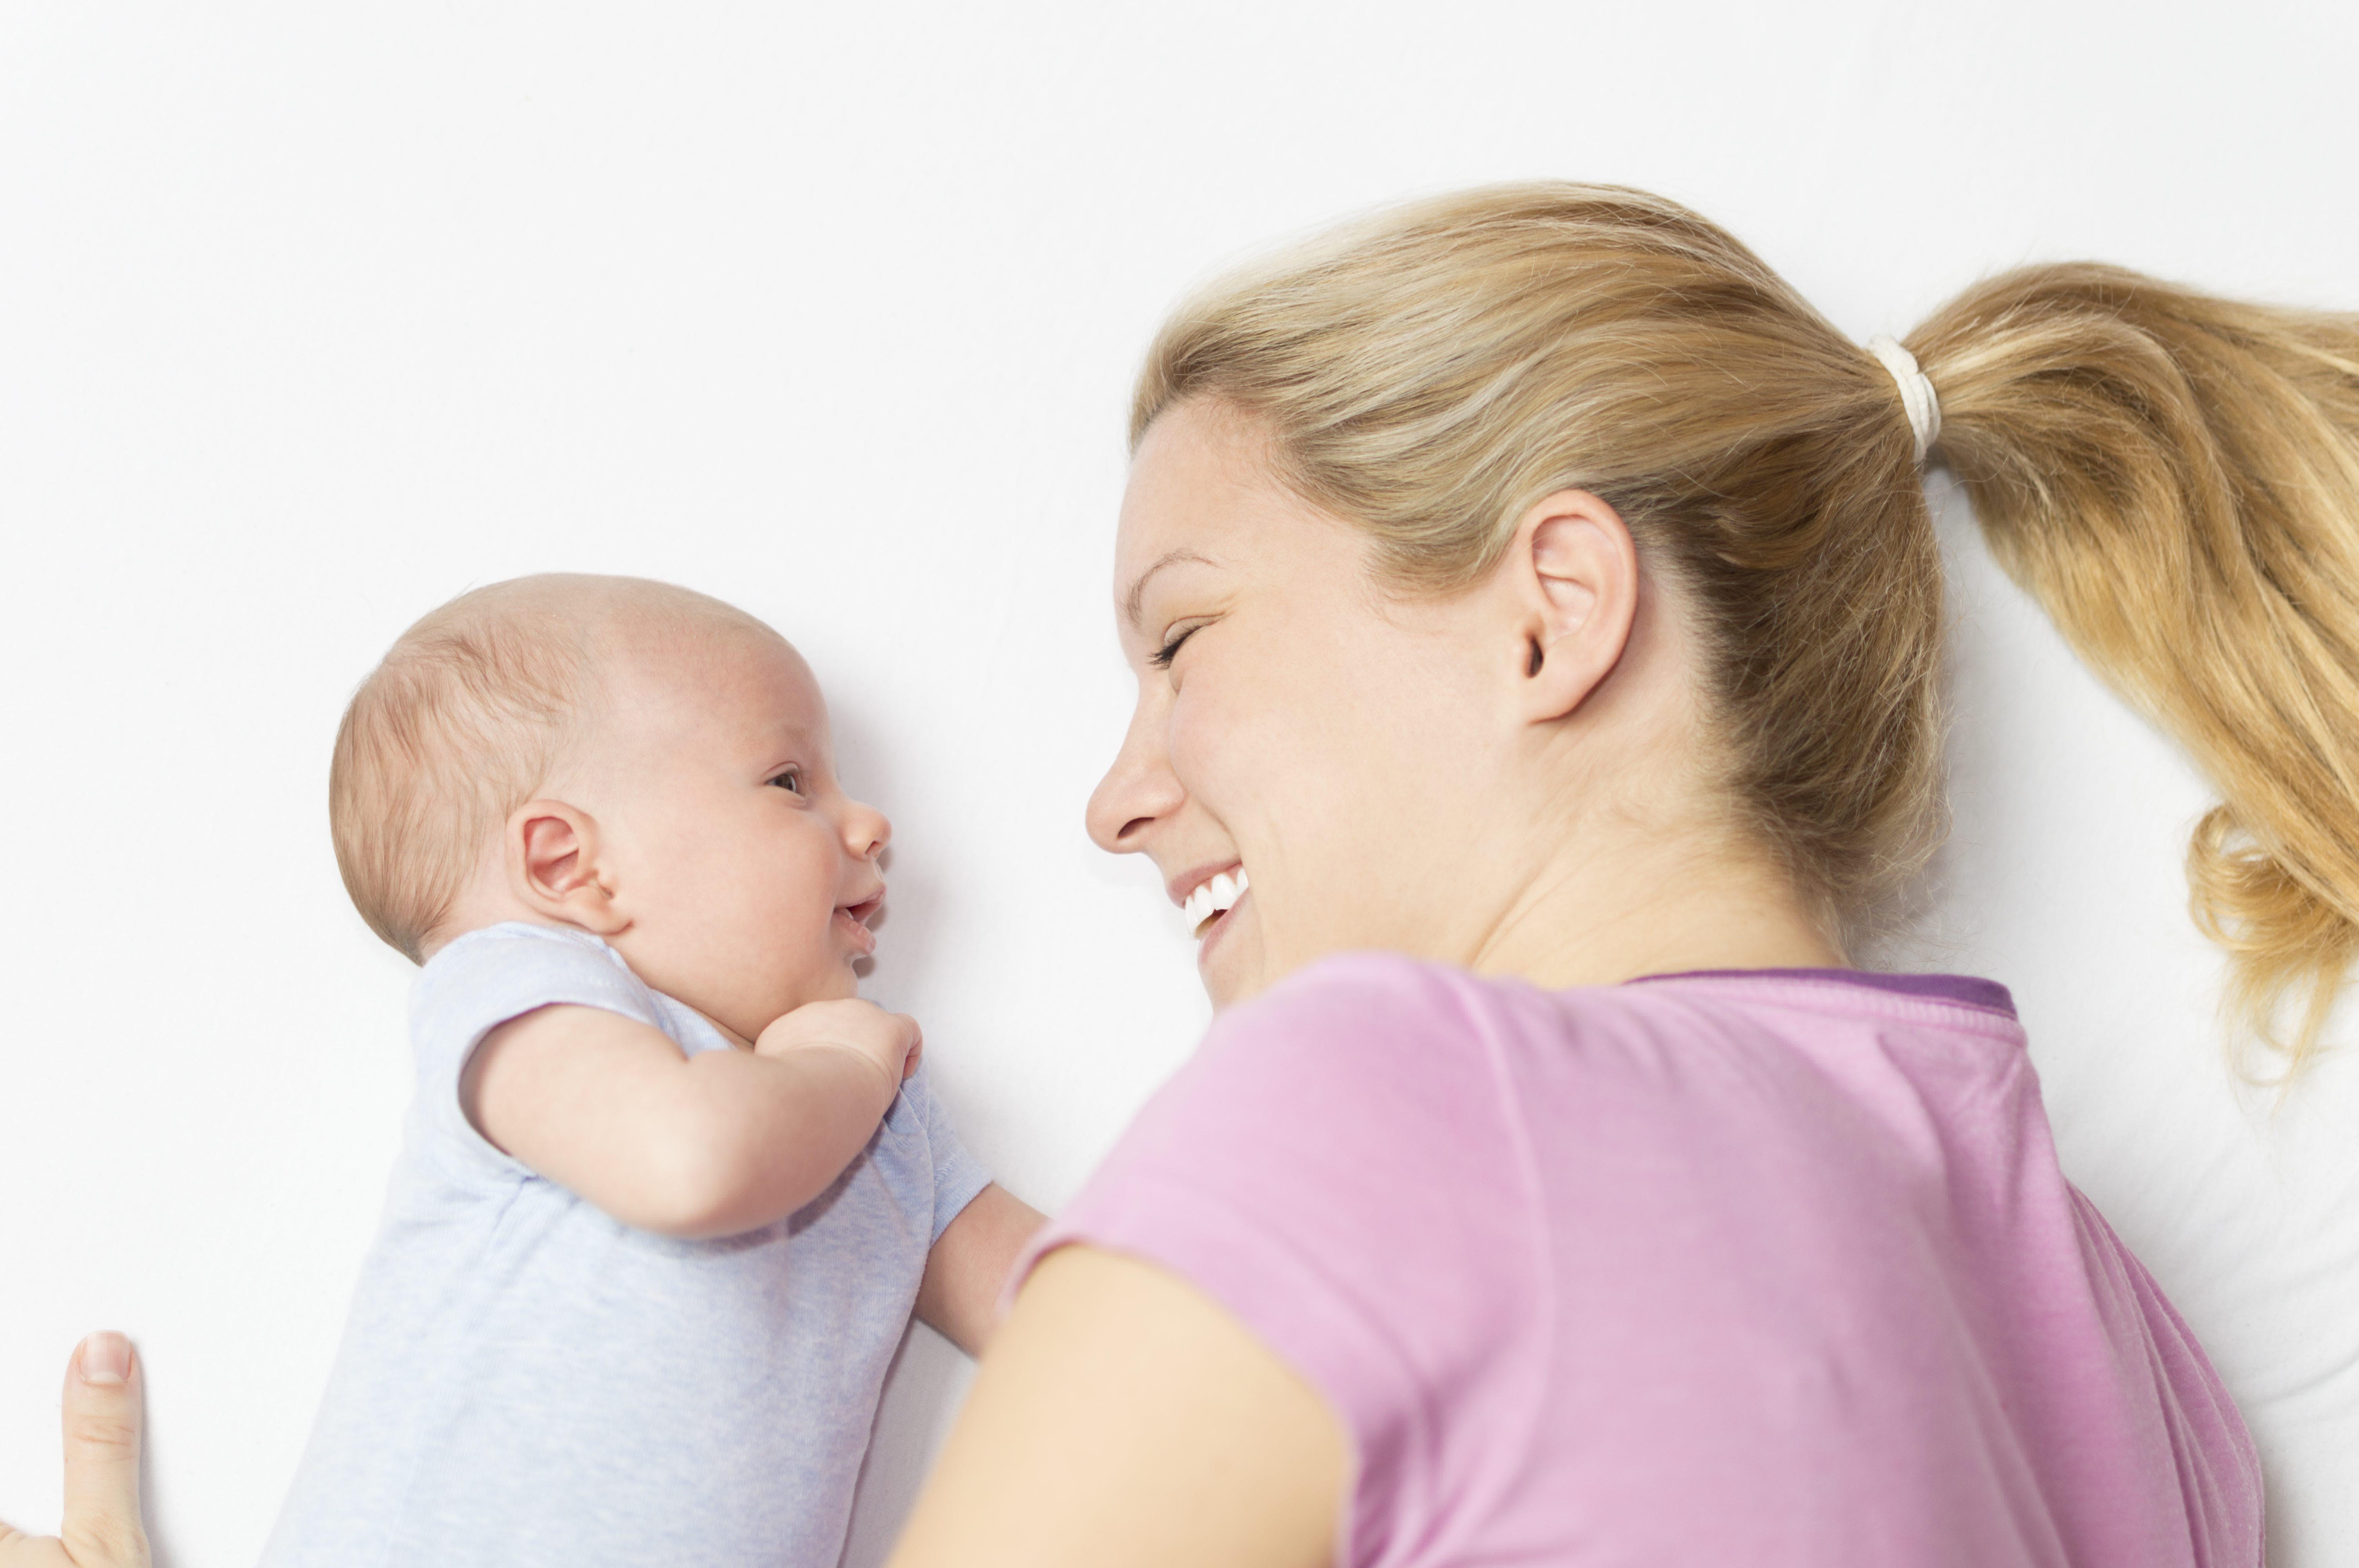 پرتو نوزاد پارس | مراقبت از چشم نوزادان